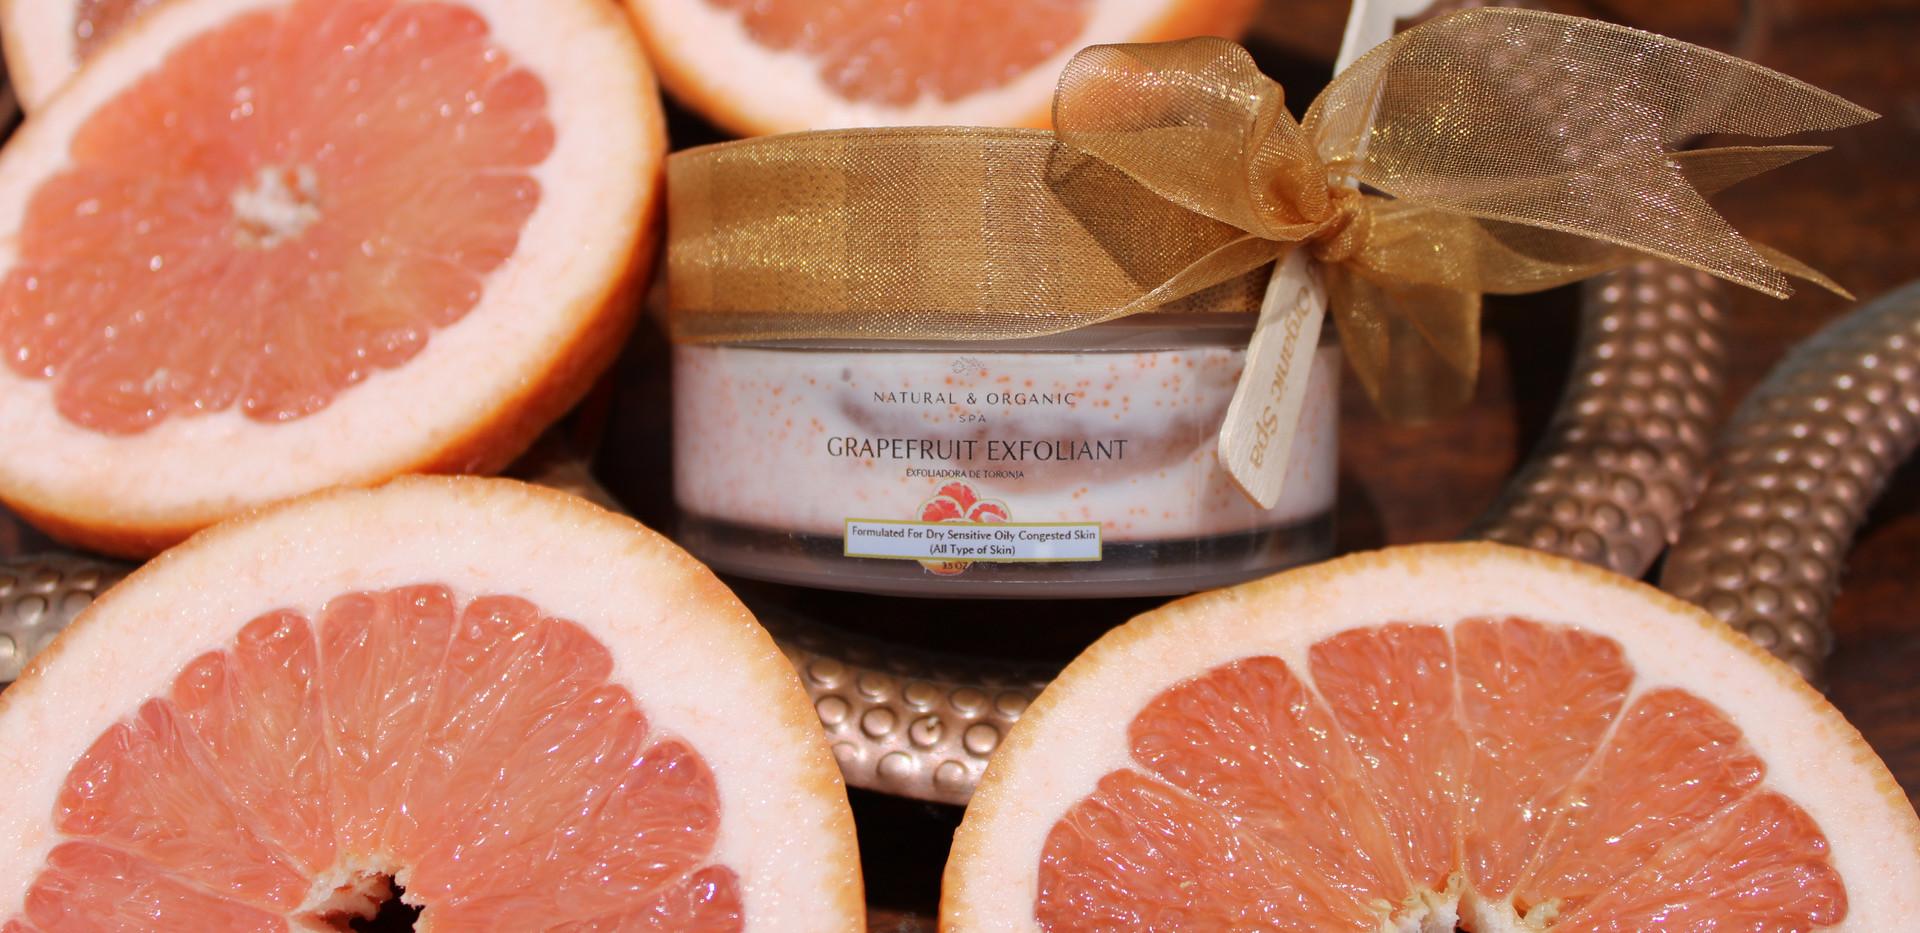 Grapefruit Exfoliant